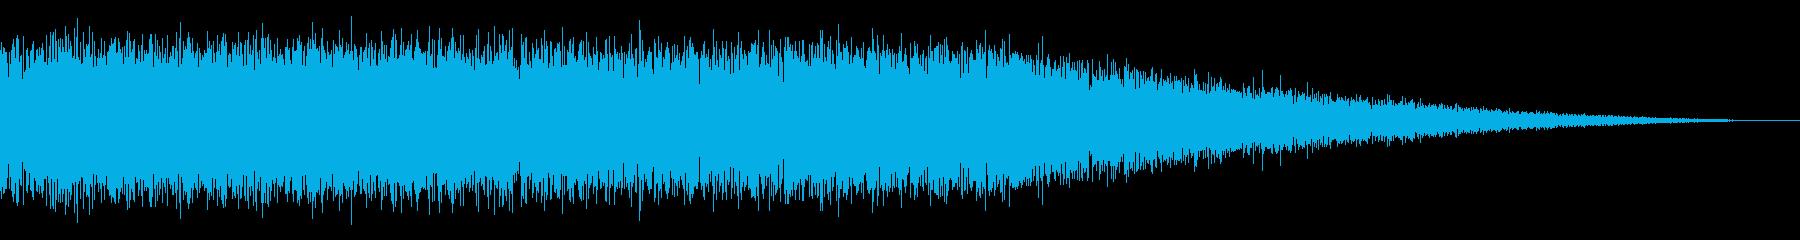 戦車の走行音/キャタピラの効果音! 04の再生済みの波形